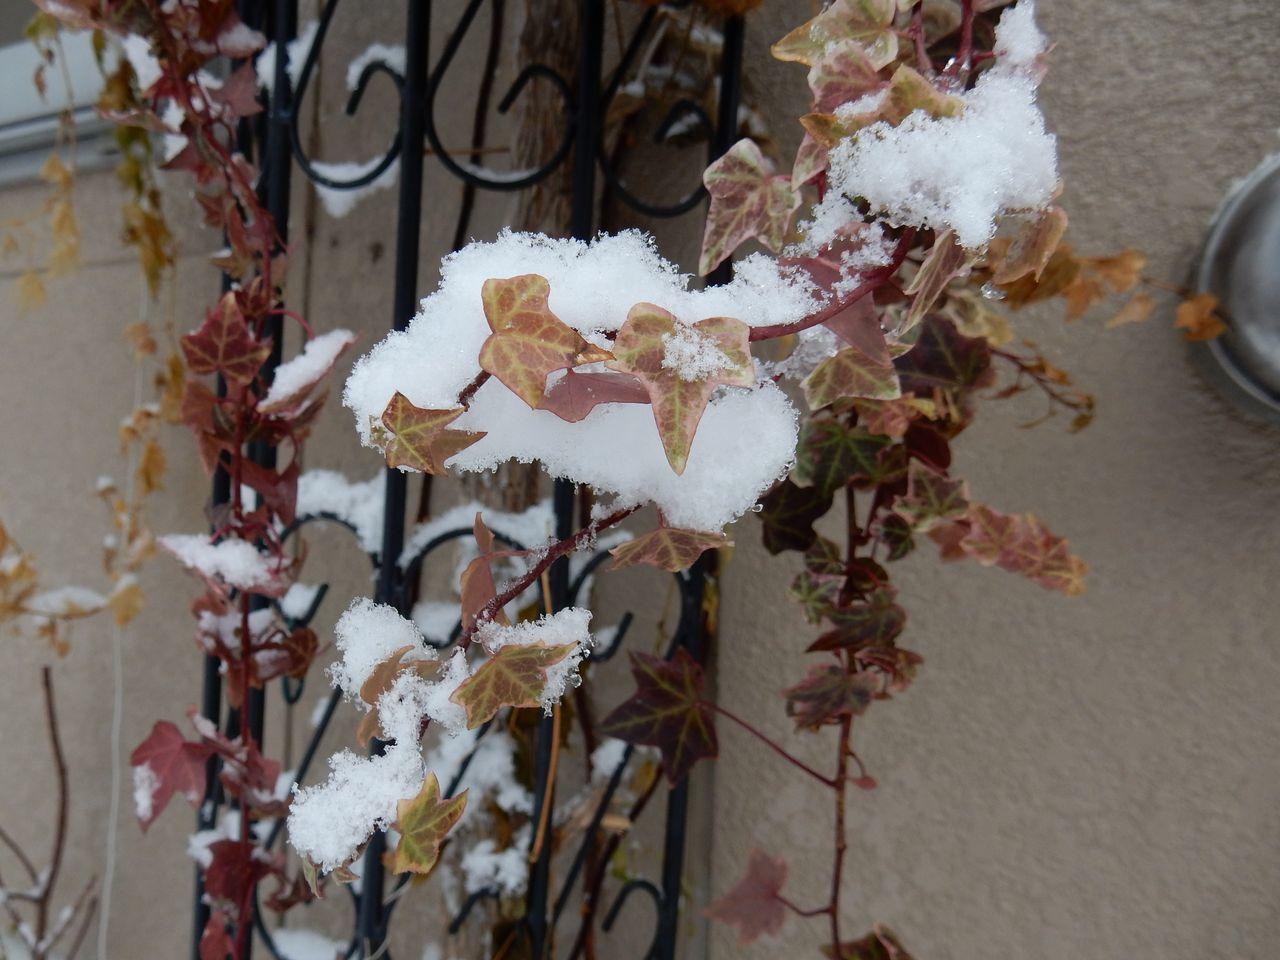 降雪ほどには積もらない_c0025115_16504457.jpg